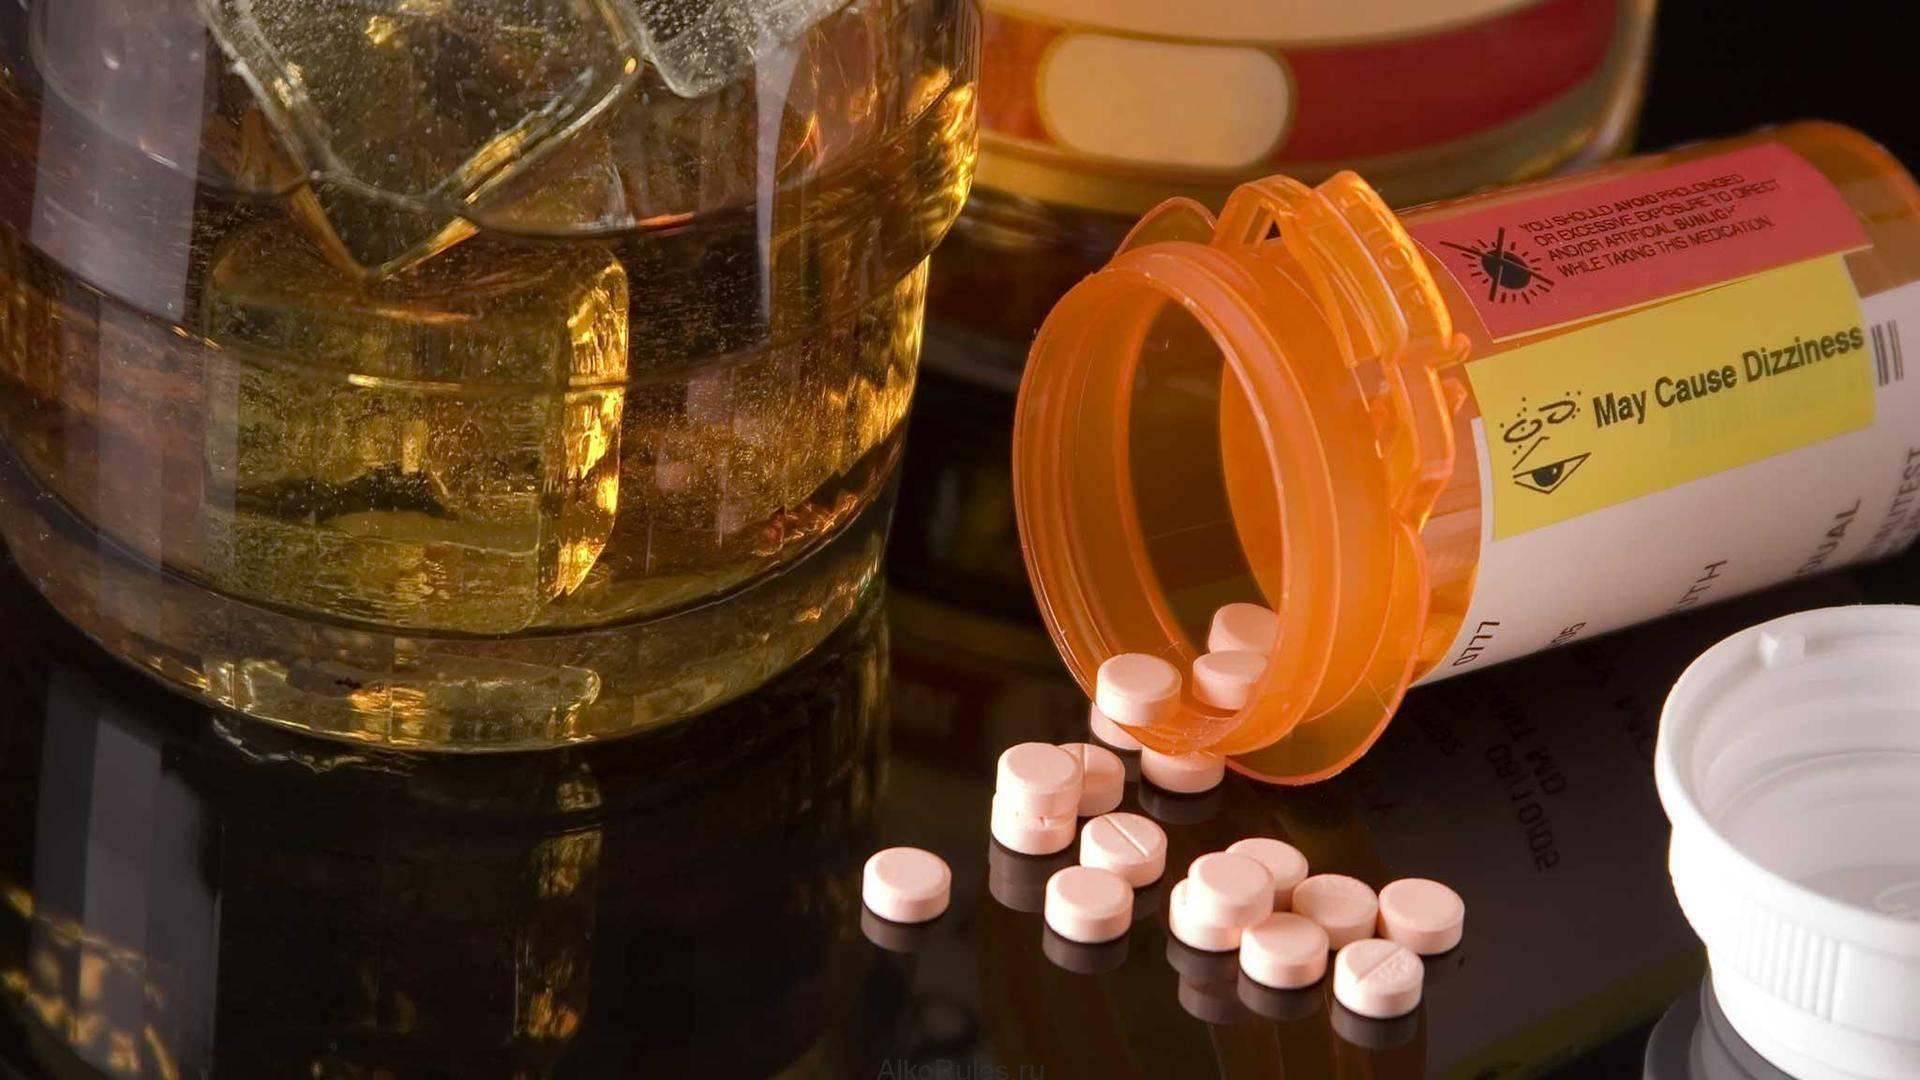 Почему нельзя пить алкоголь с антибиотиками - совместимость и последствия приема